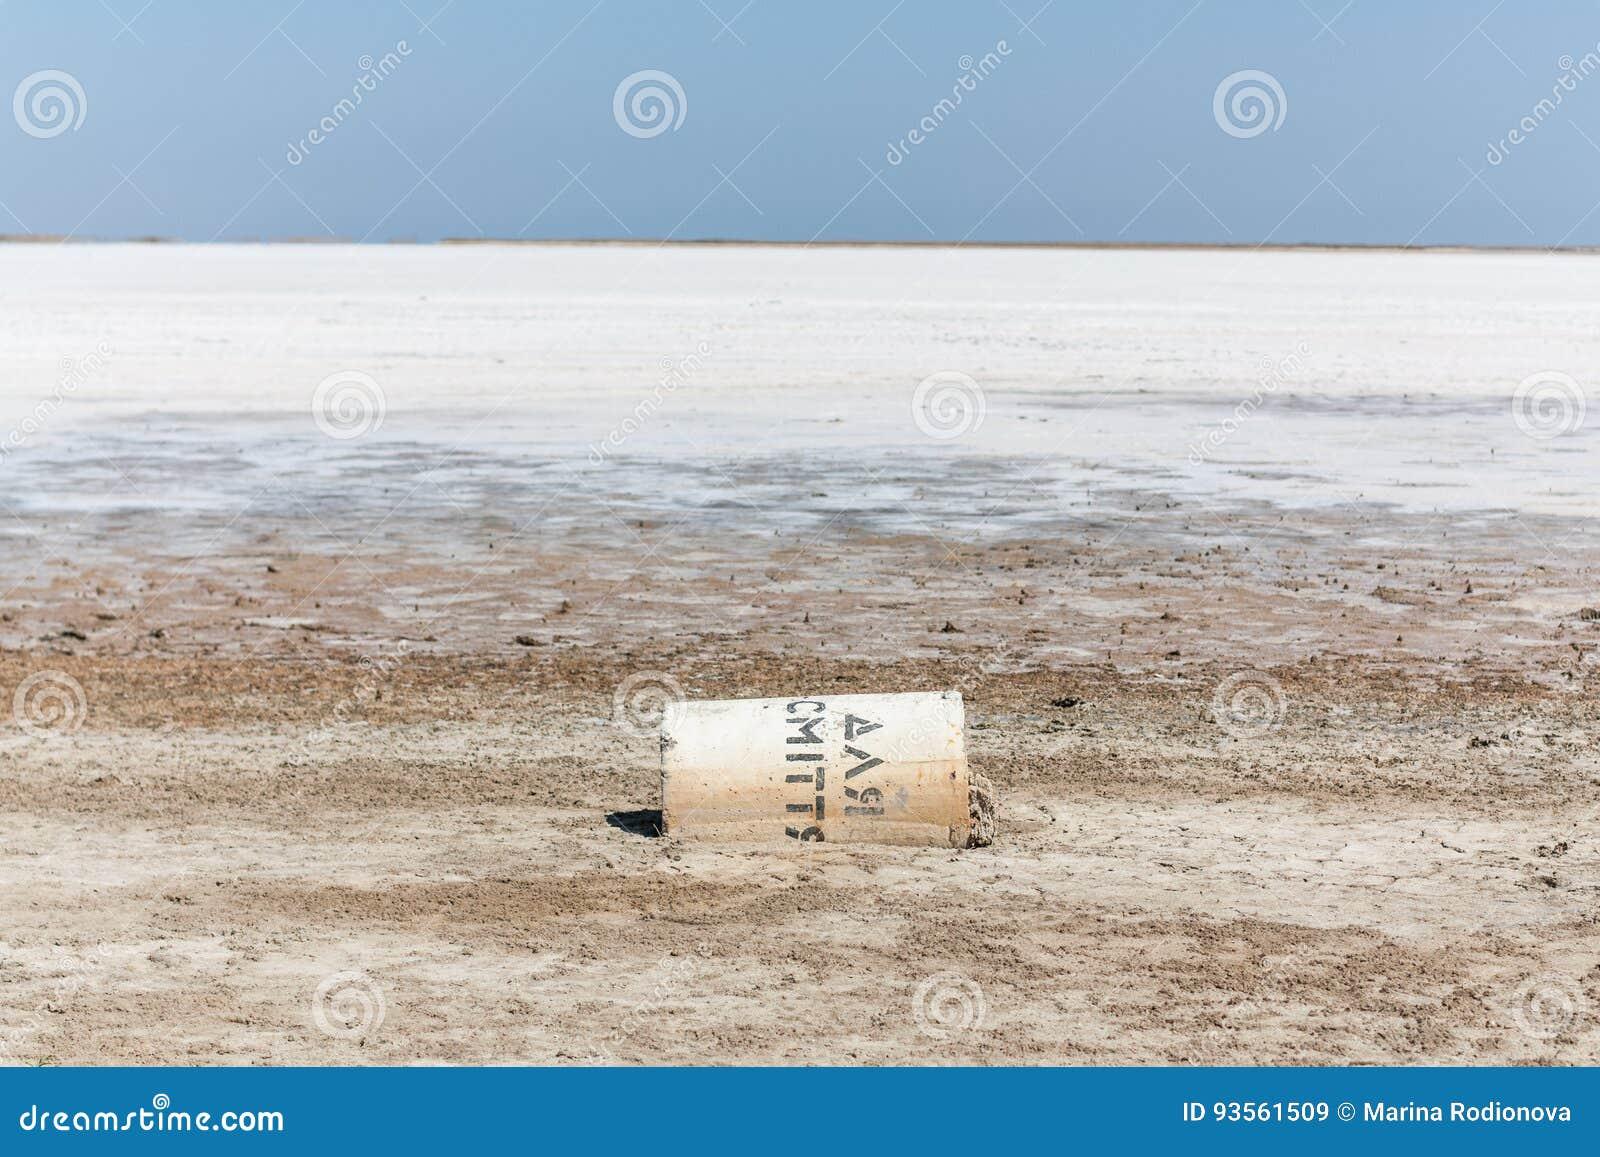 Ξηρά αλατισμένη λίμνη με ένα πεσμένο εμπορευματοκιβώτιο